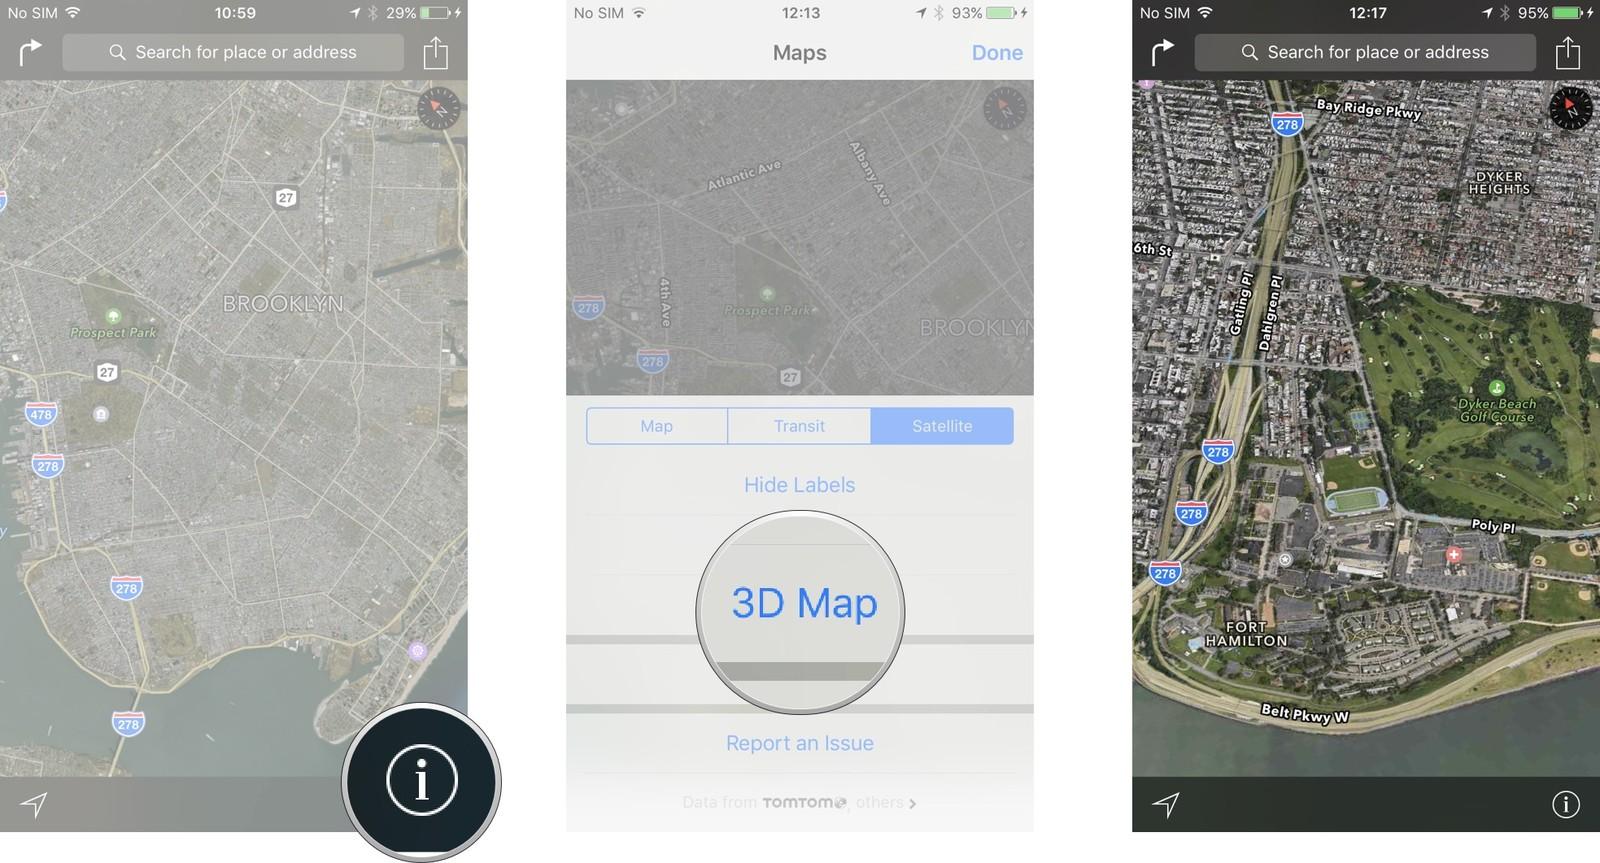 Как пользоваться Картами на iPhone и iPad - 3D-карта